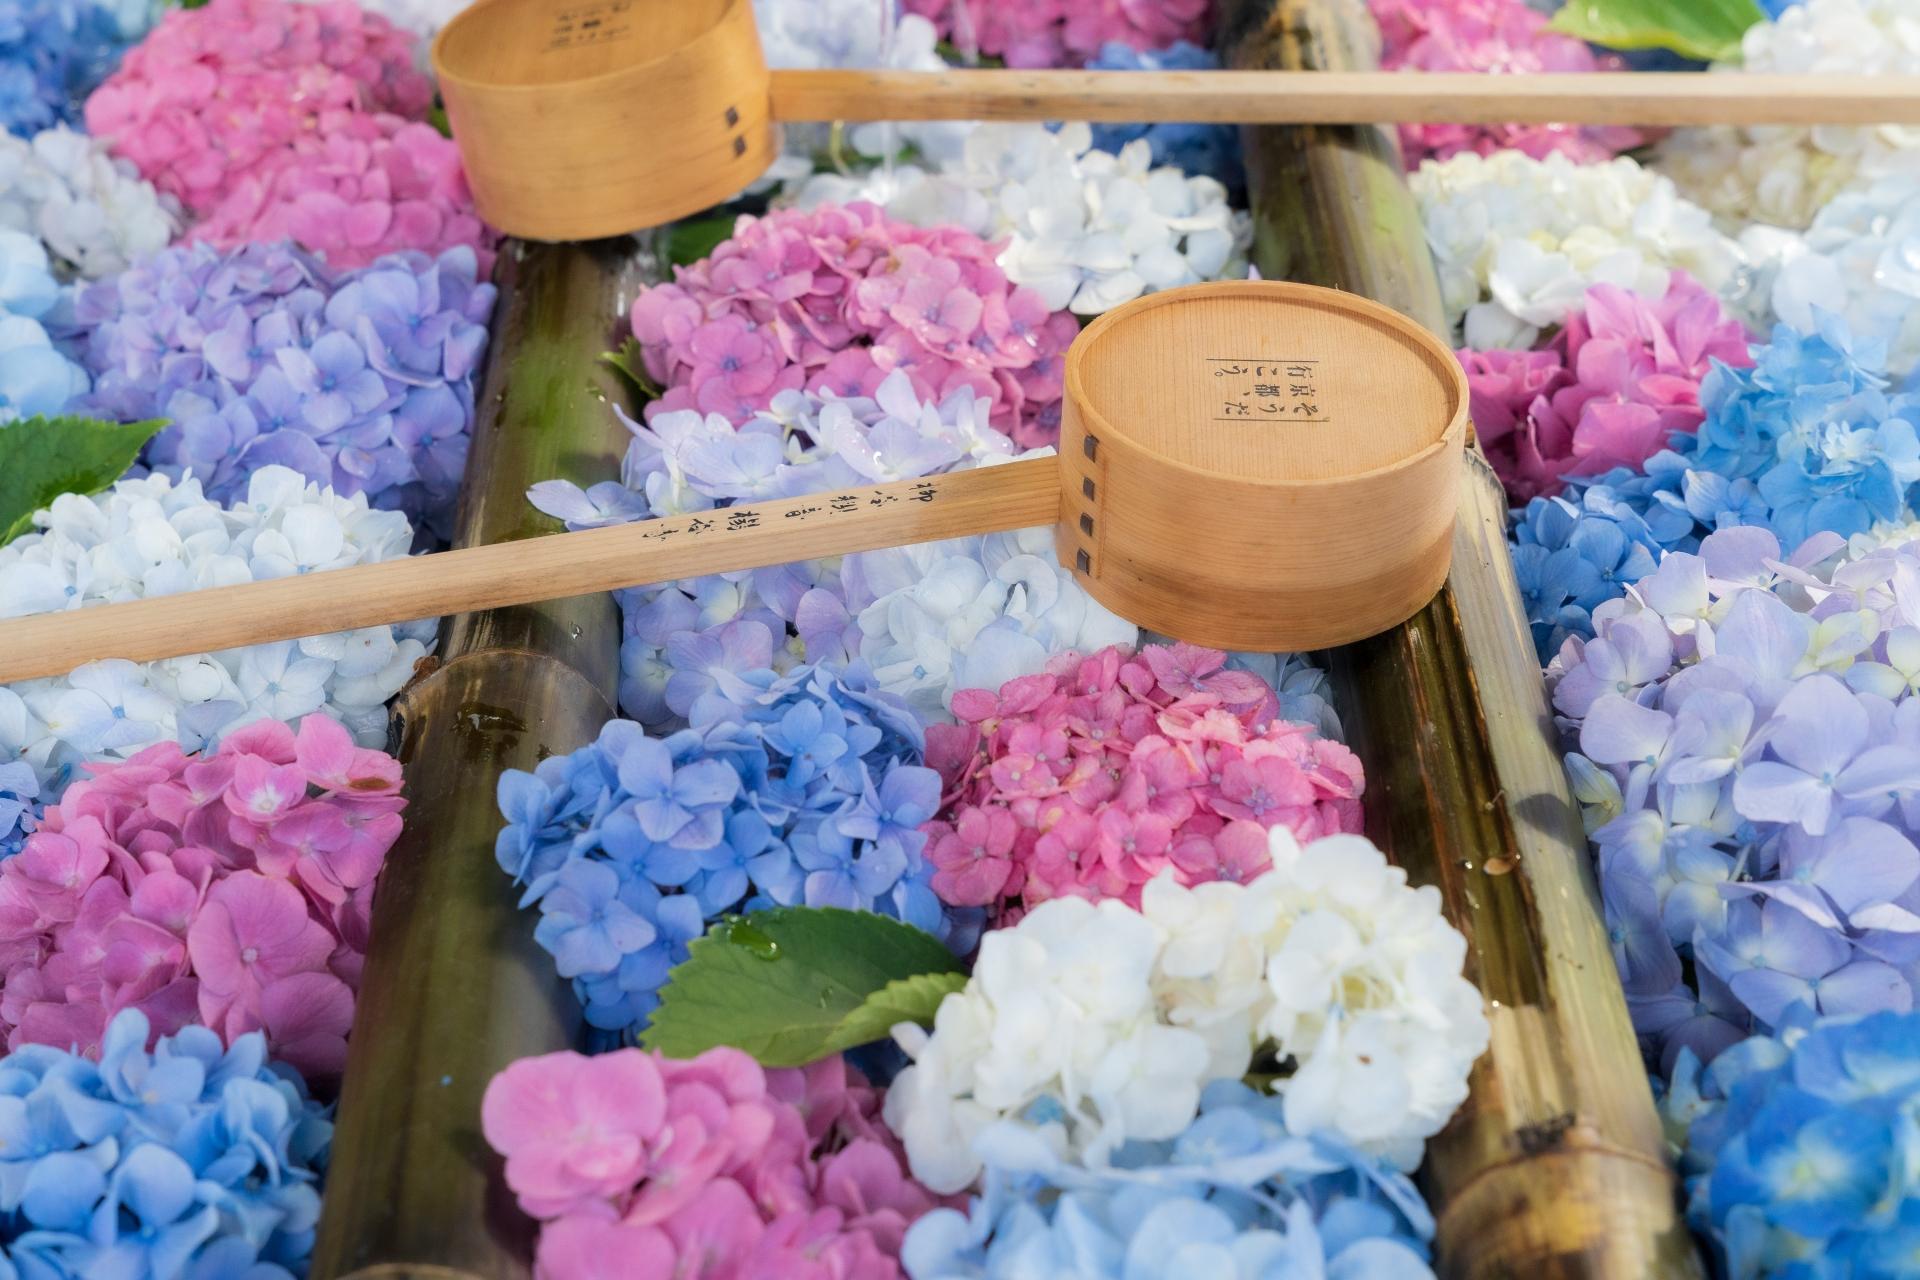 3762552_m 京都府 楊谷寺(境内に5000株のあじさいが咲き誇る初夏におすすめのスポット!写真の紹介、アクセス情報など)